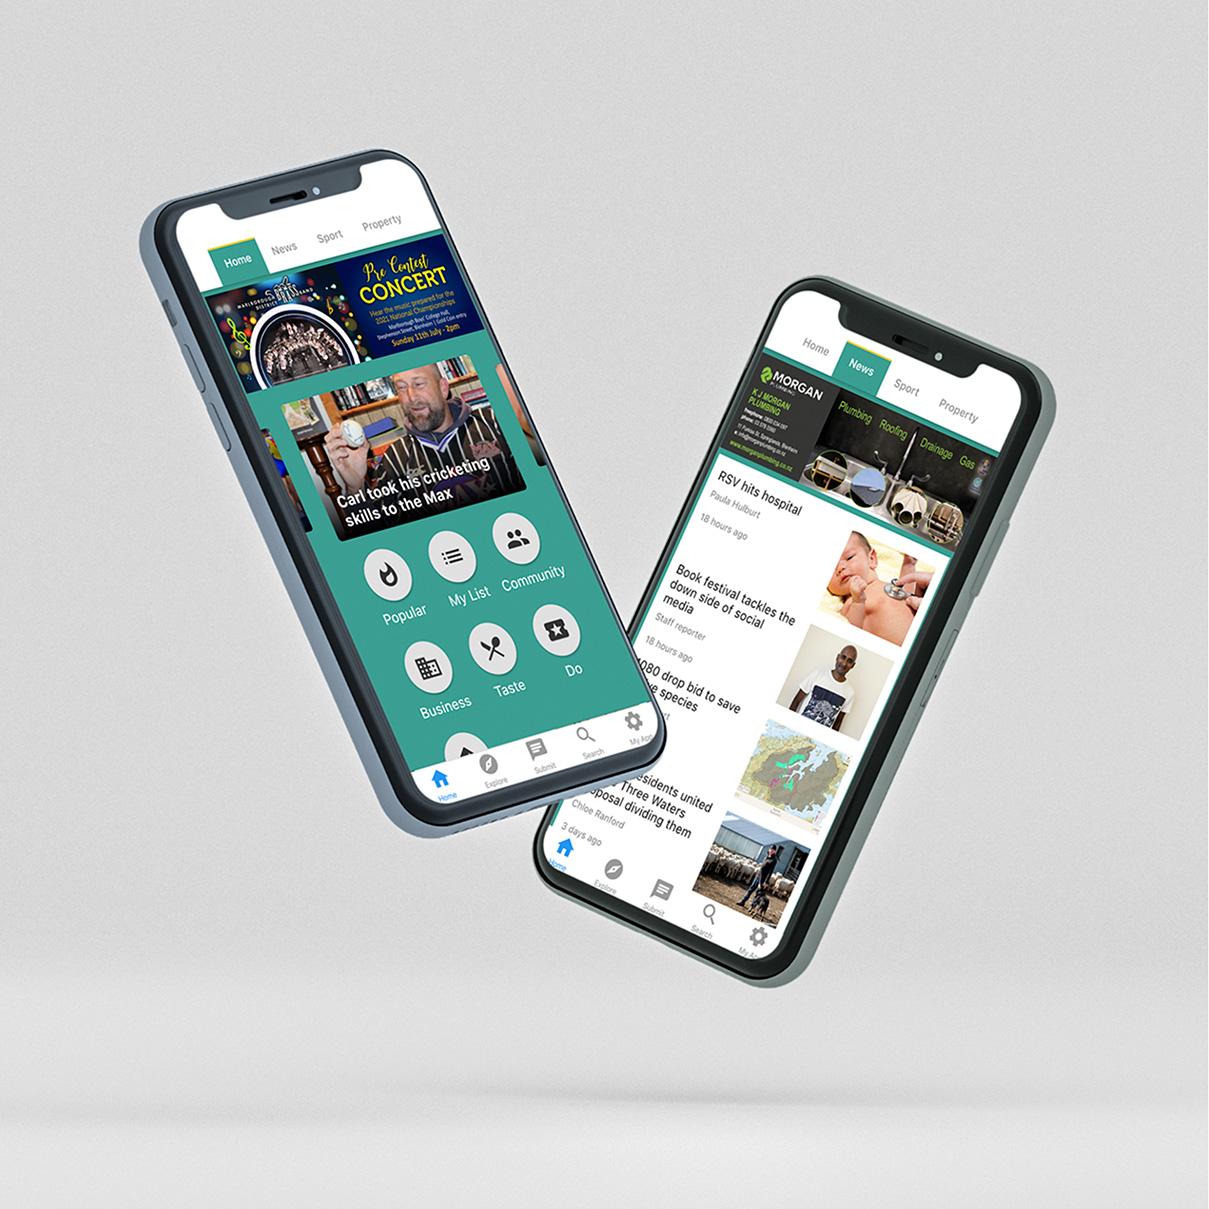 Marlborough App mockup on phone